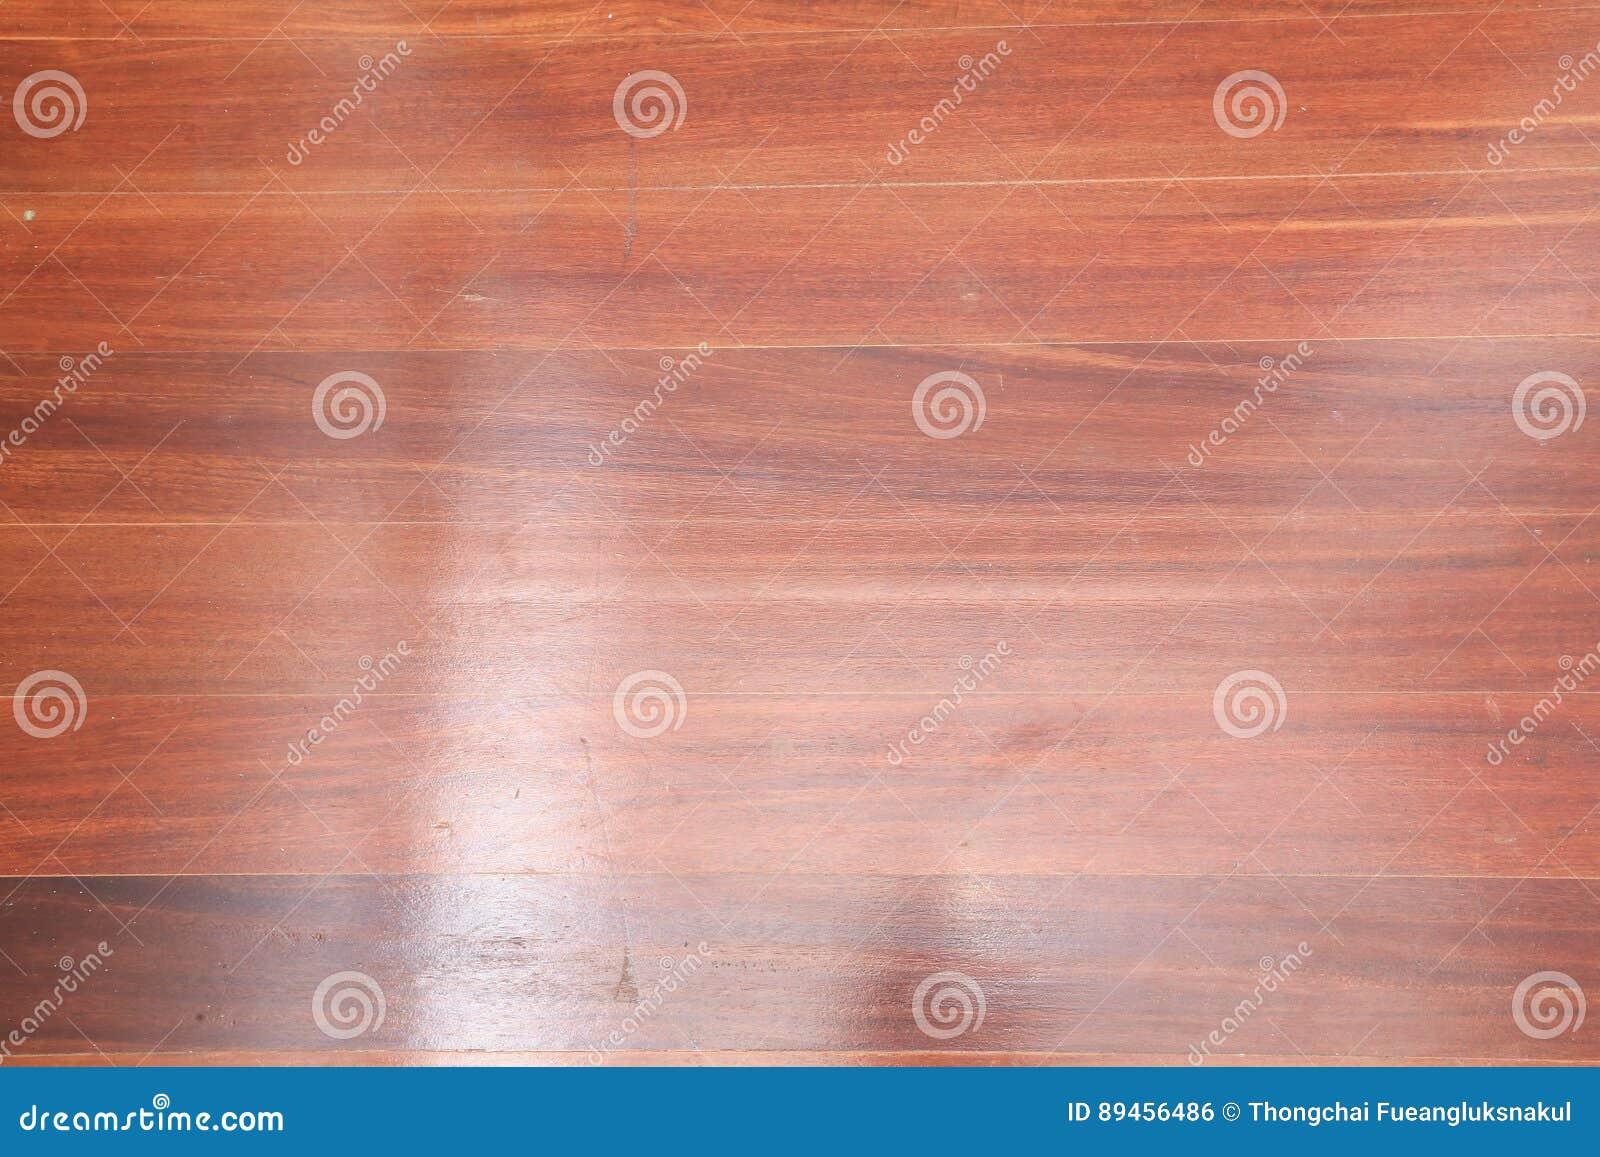 Piso laminado, como fondo de madera